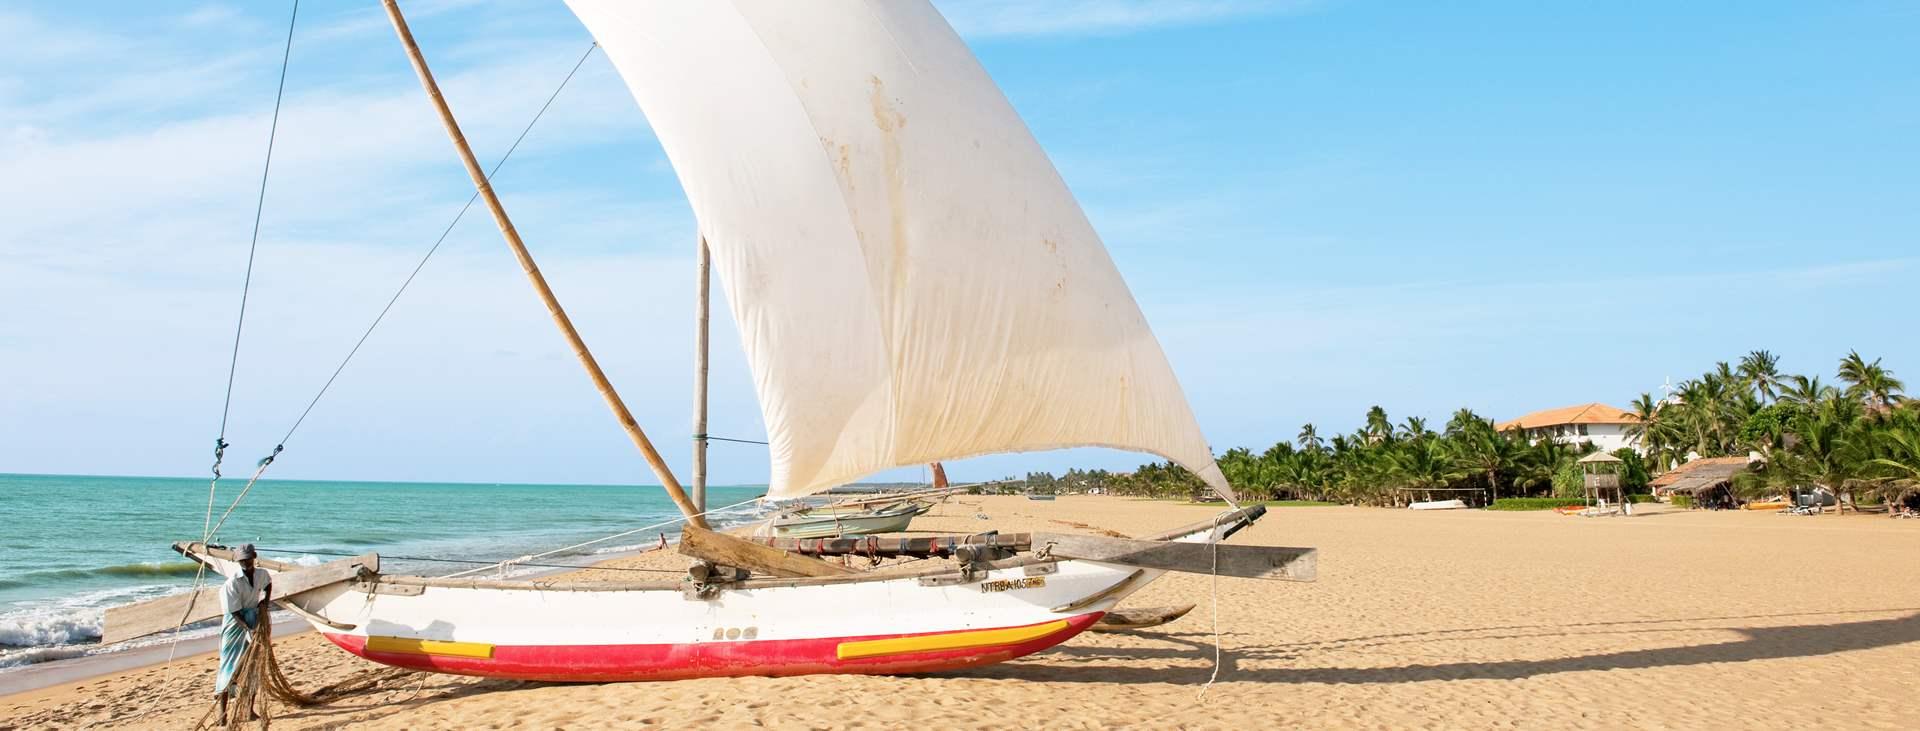 Bestill en reise til Negombo på Sri Lanka med Ving